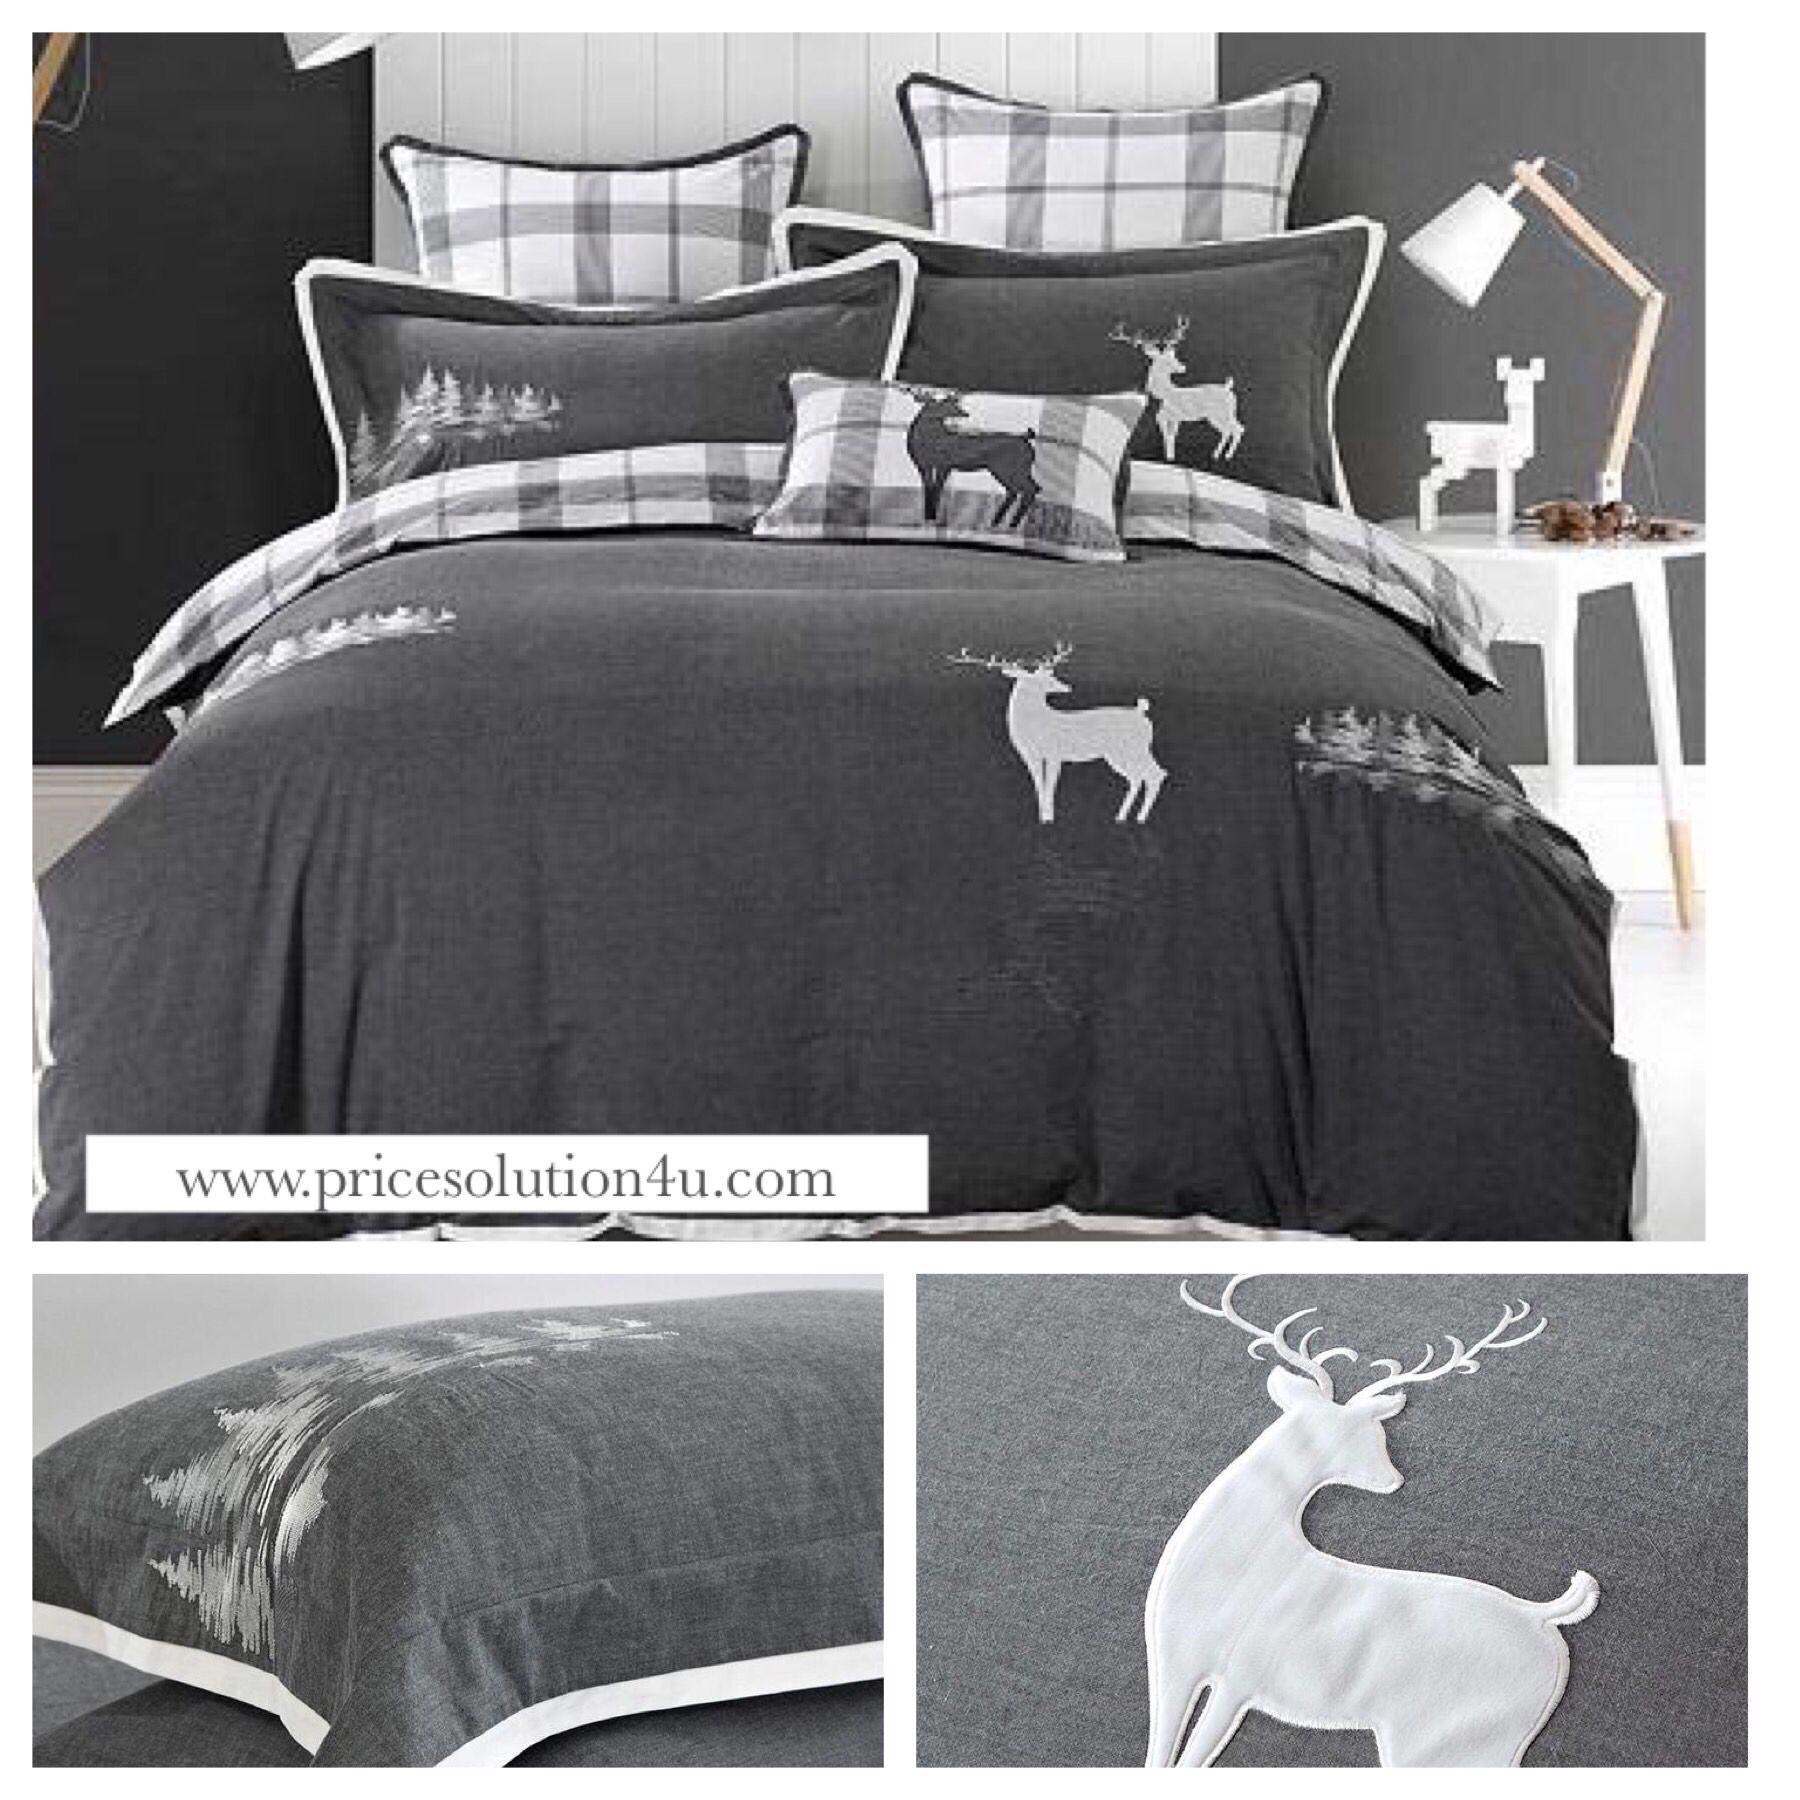 Rain Deer Grey Bedding Sets Queen King Size Queen Bedding Sets Bedding Sets Grey Grey Bedding